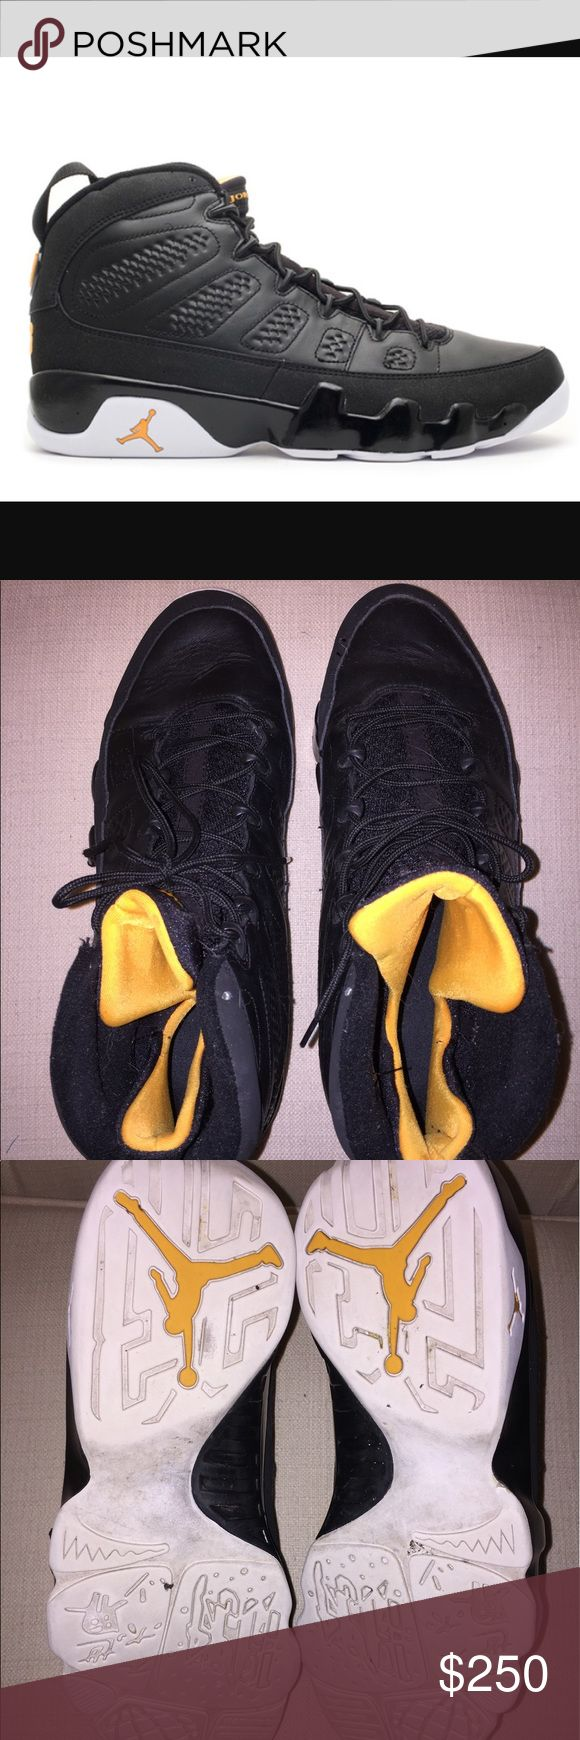 Air Jordan 9 Flight Club Excellent condition. No box. Air Jordan Shoes